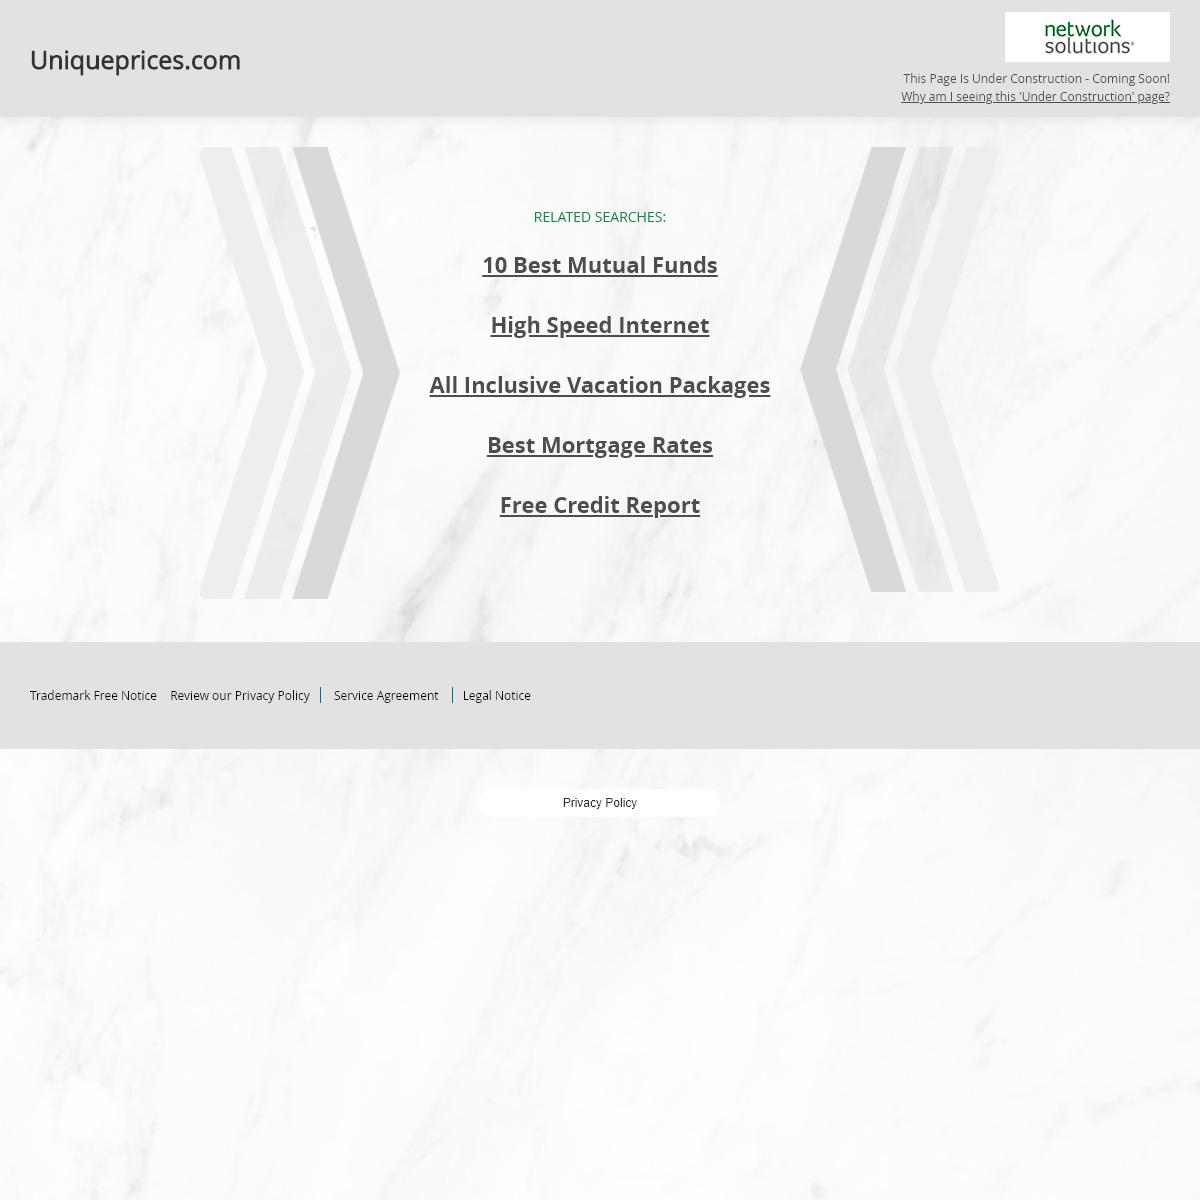 Uniqueprices.com